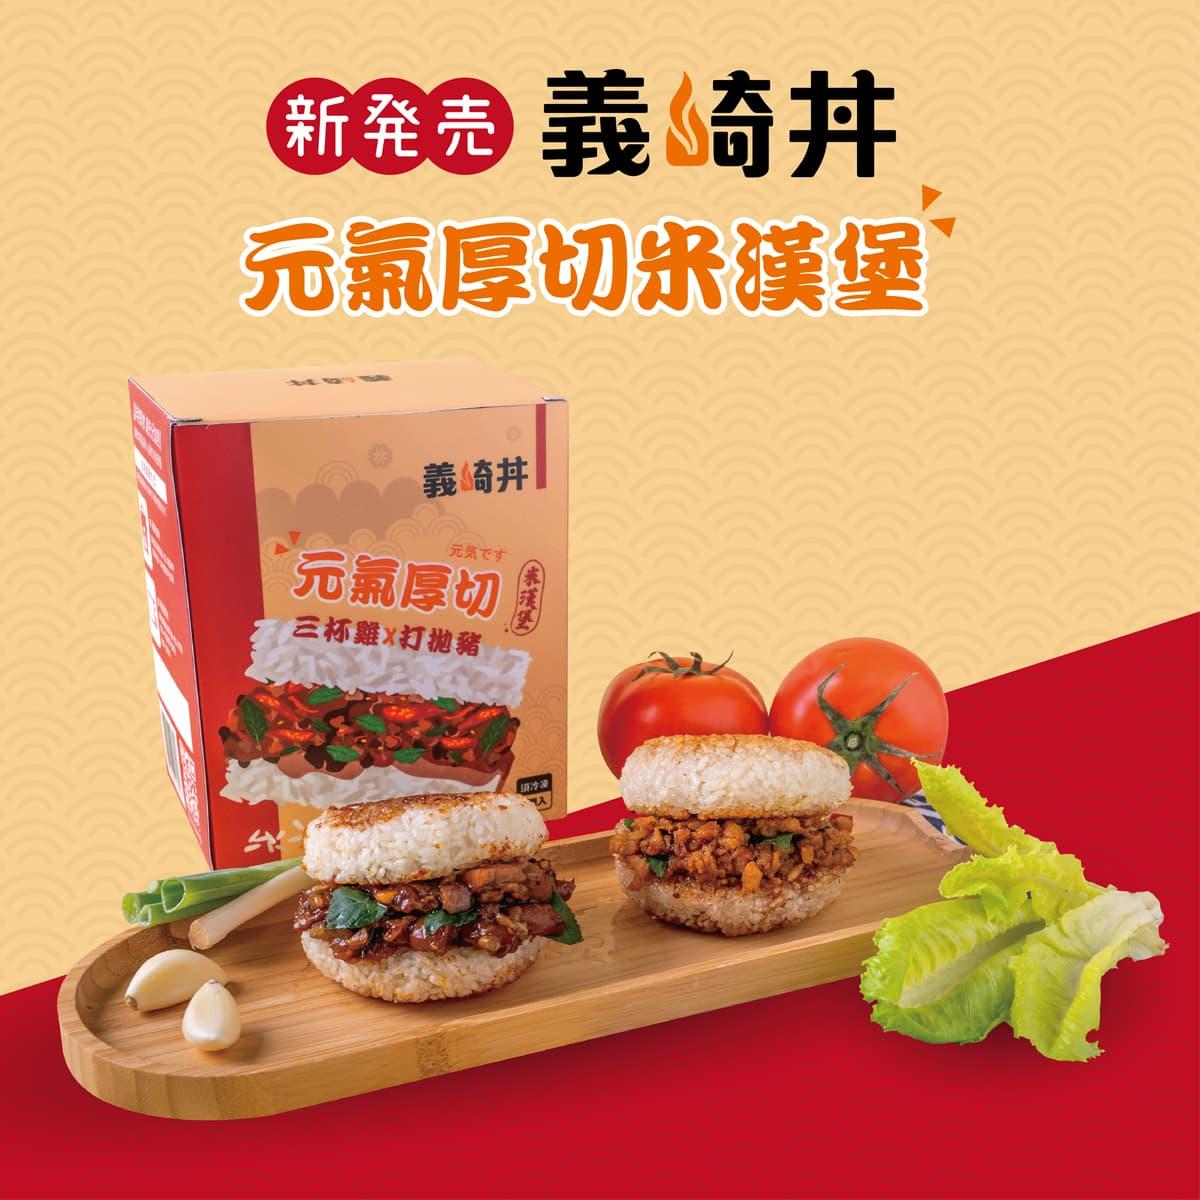 【義崎丼】元氣厚切米漢堡 6入x8盒 (三杯雞*3+打拋豬*3) 免運